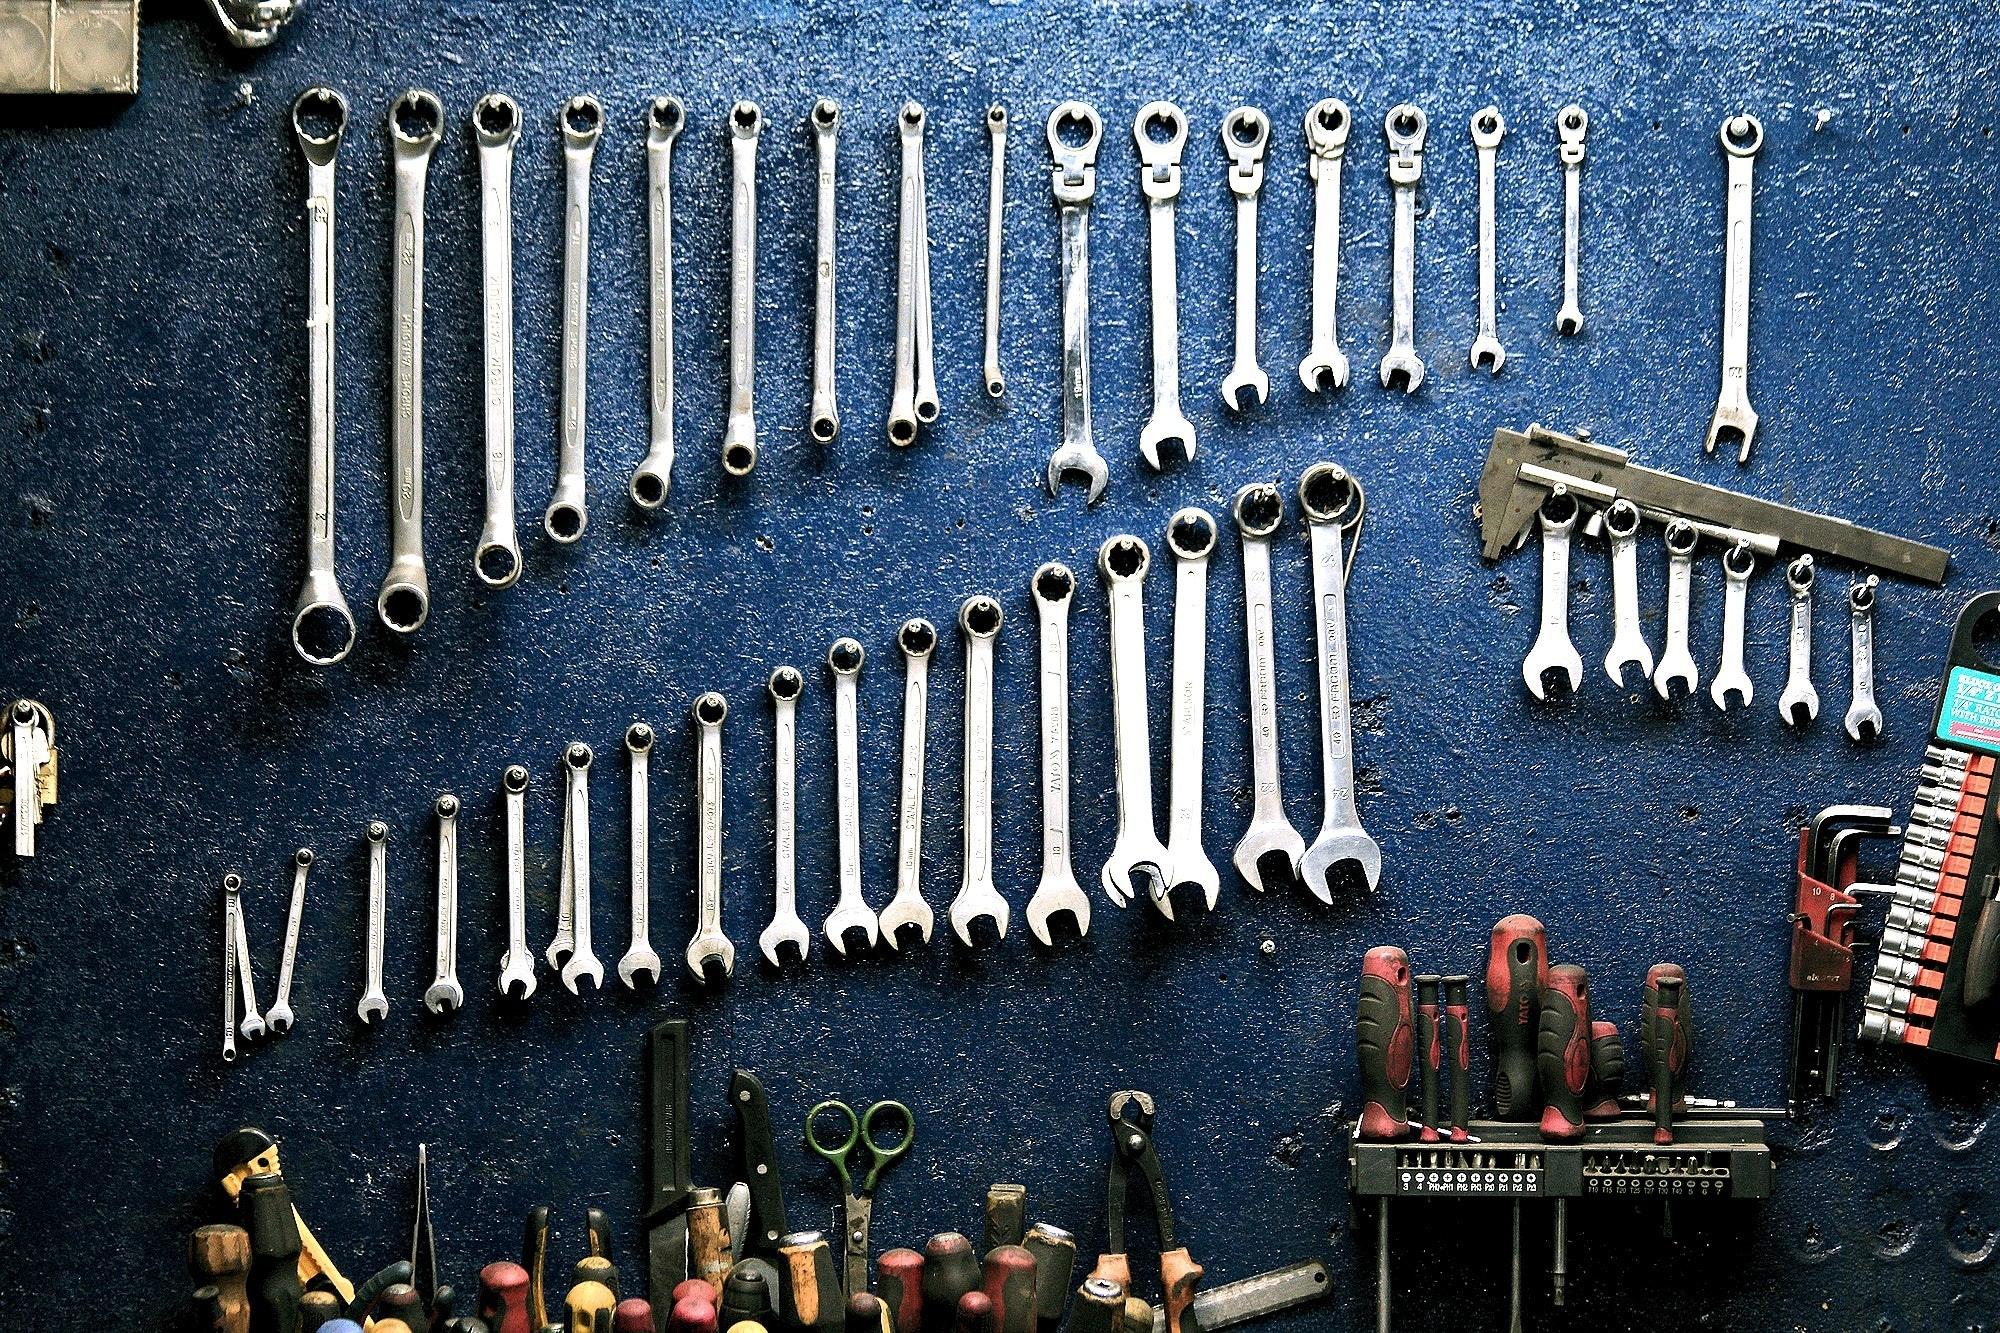 整理整頓された工具